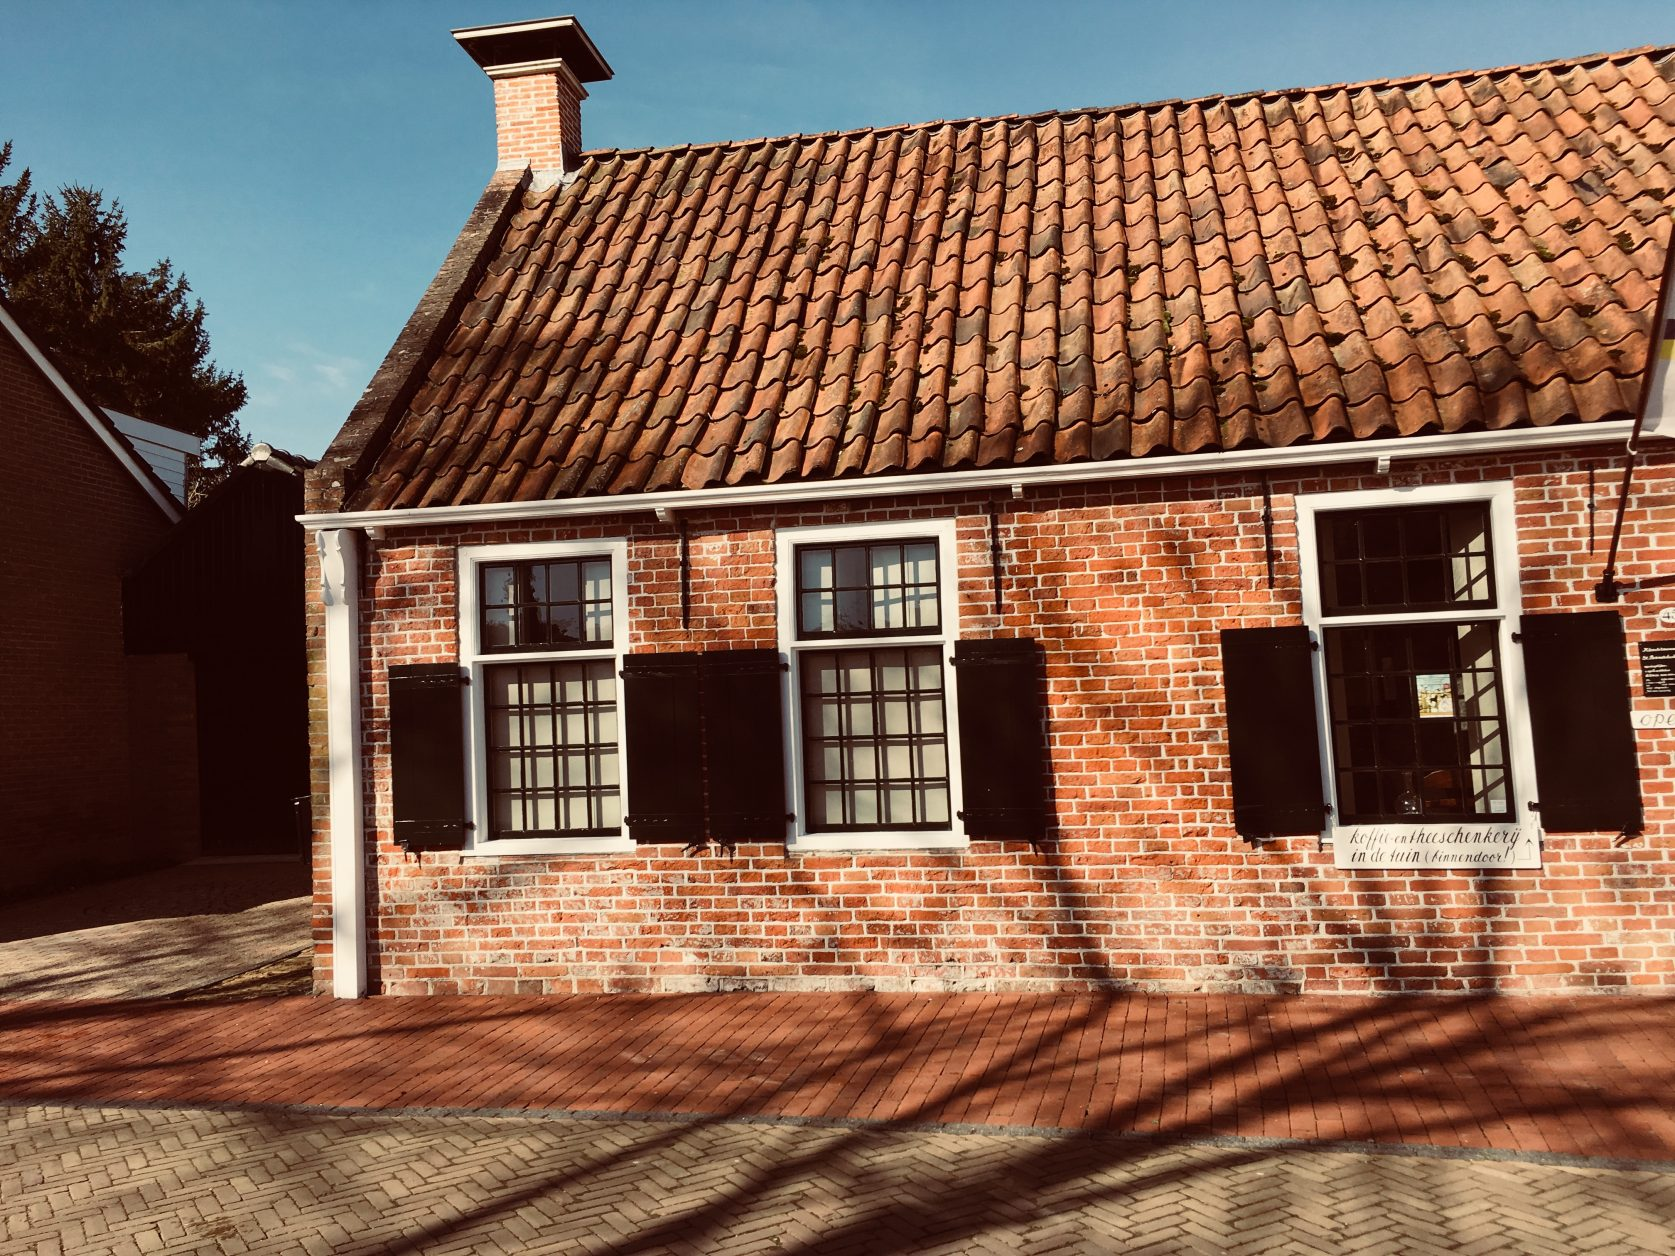 Klostermuseum von Aduard gegenüber der Kirche. Foto: Weirauch